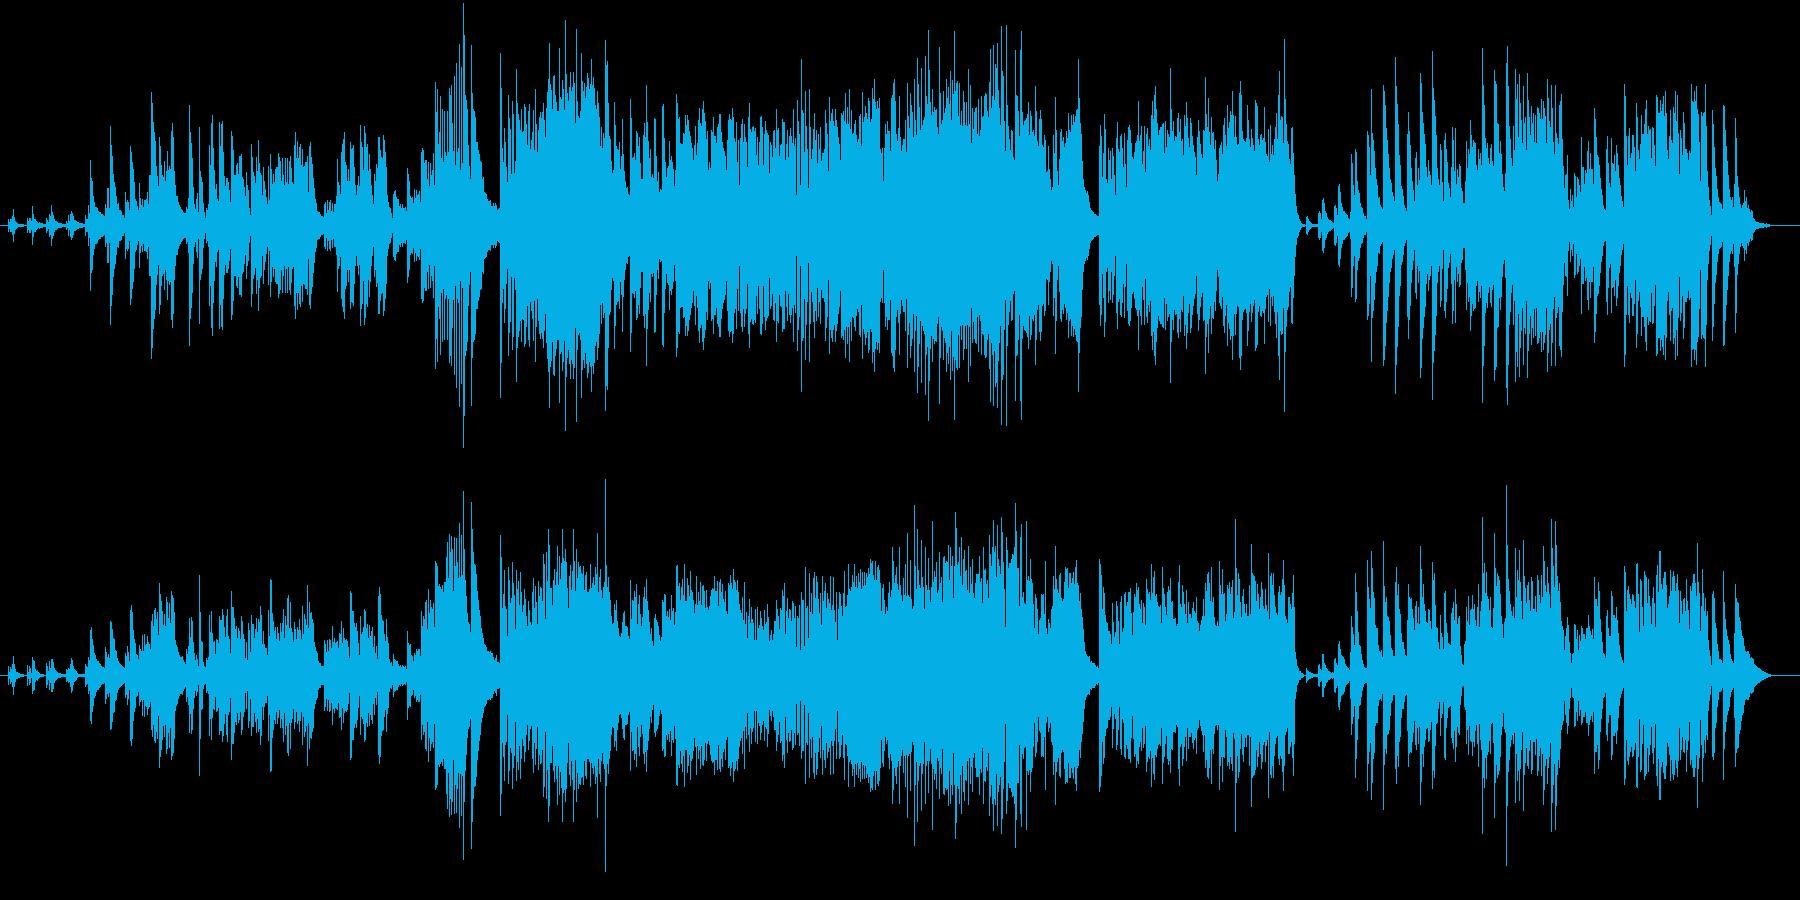 クラシックとジャズが融合したピアノ曲の再生済みの波形